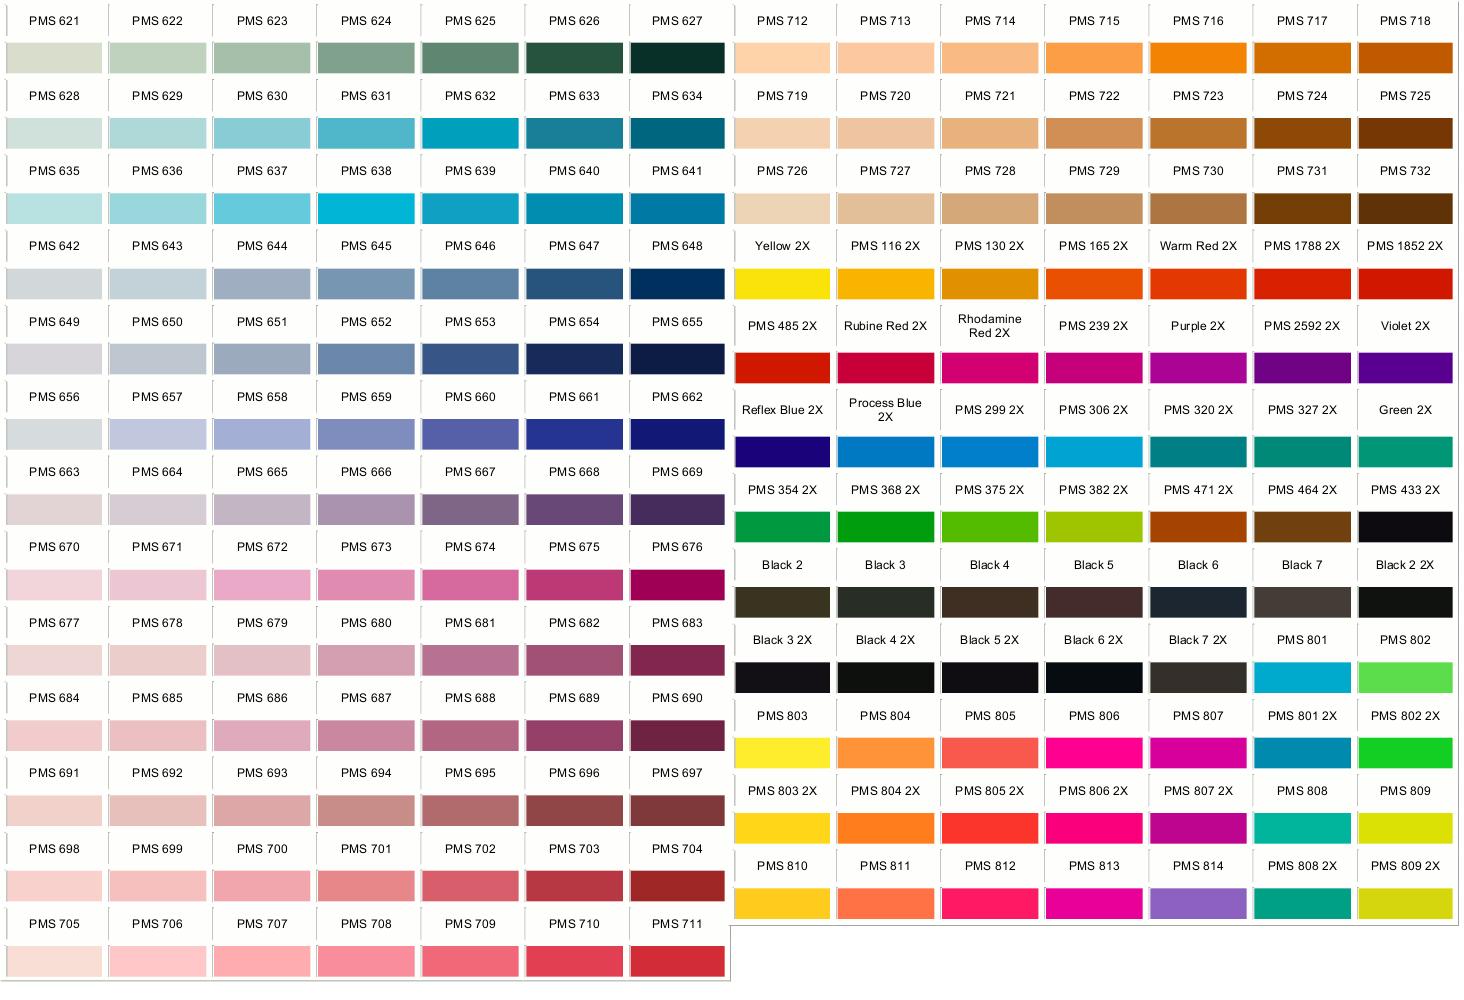 Pantone Colors 621-814